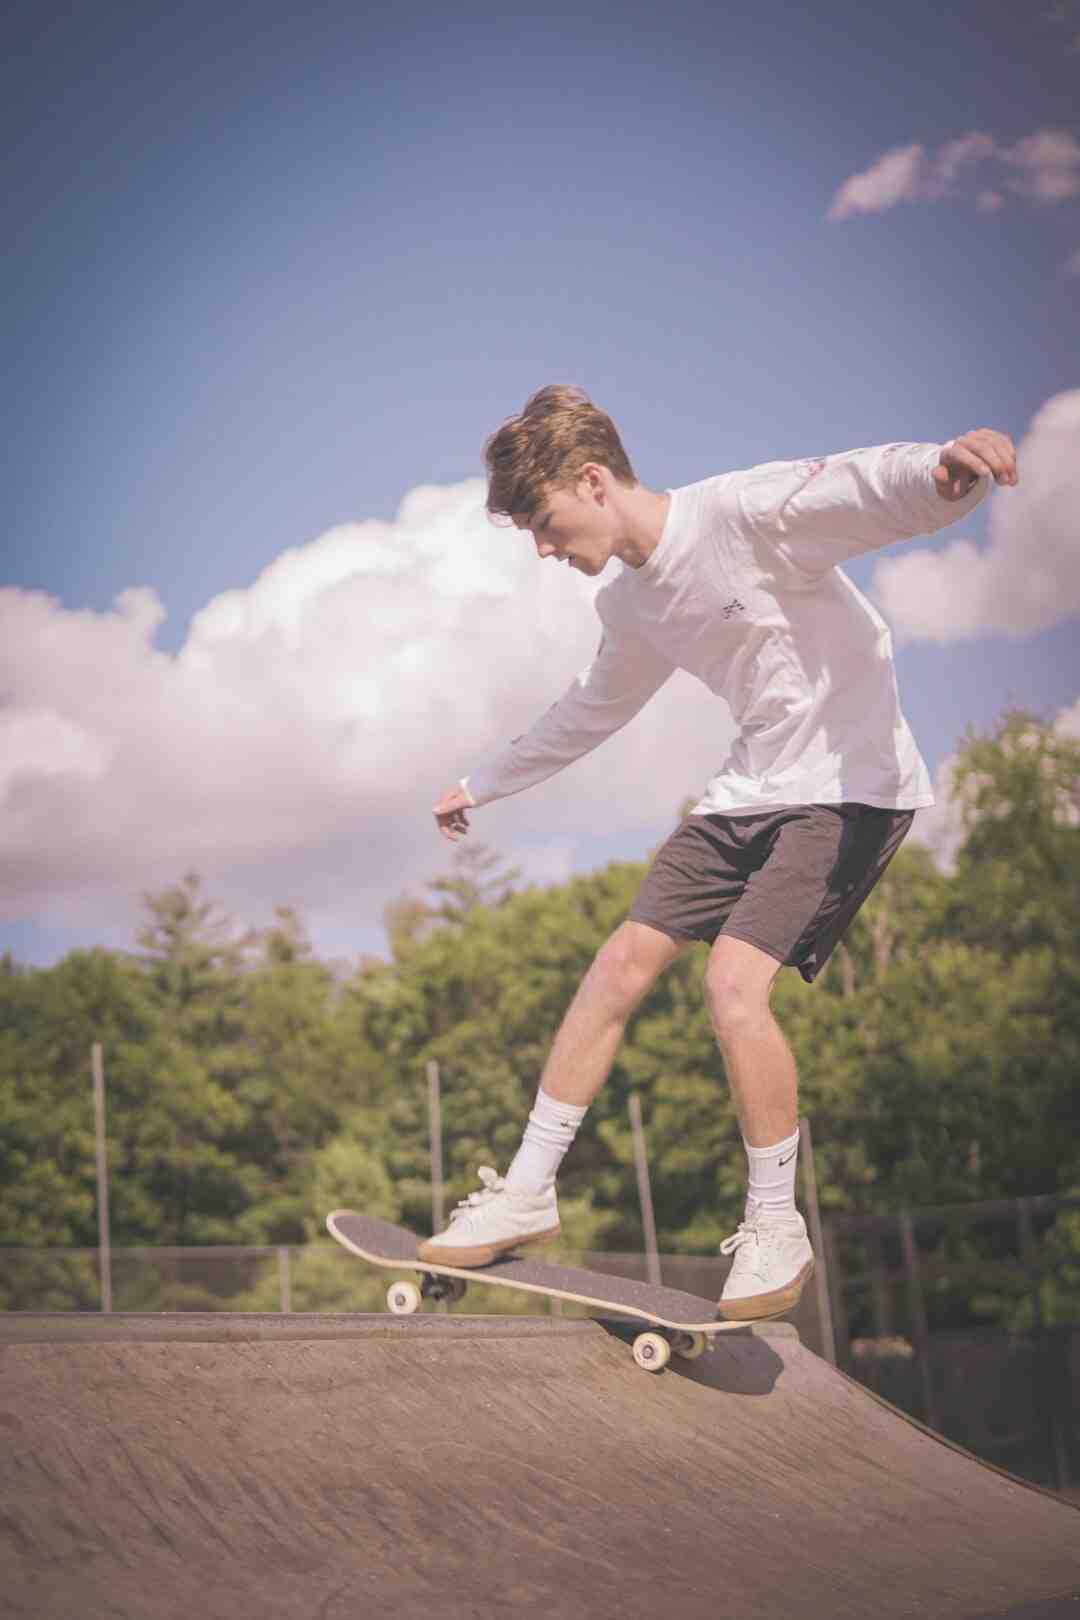 Comment faire un kickflip en skateboard